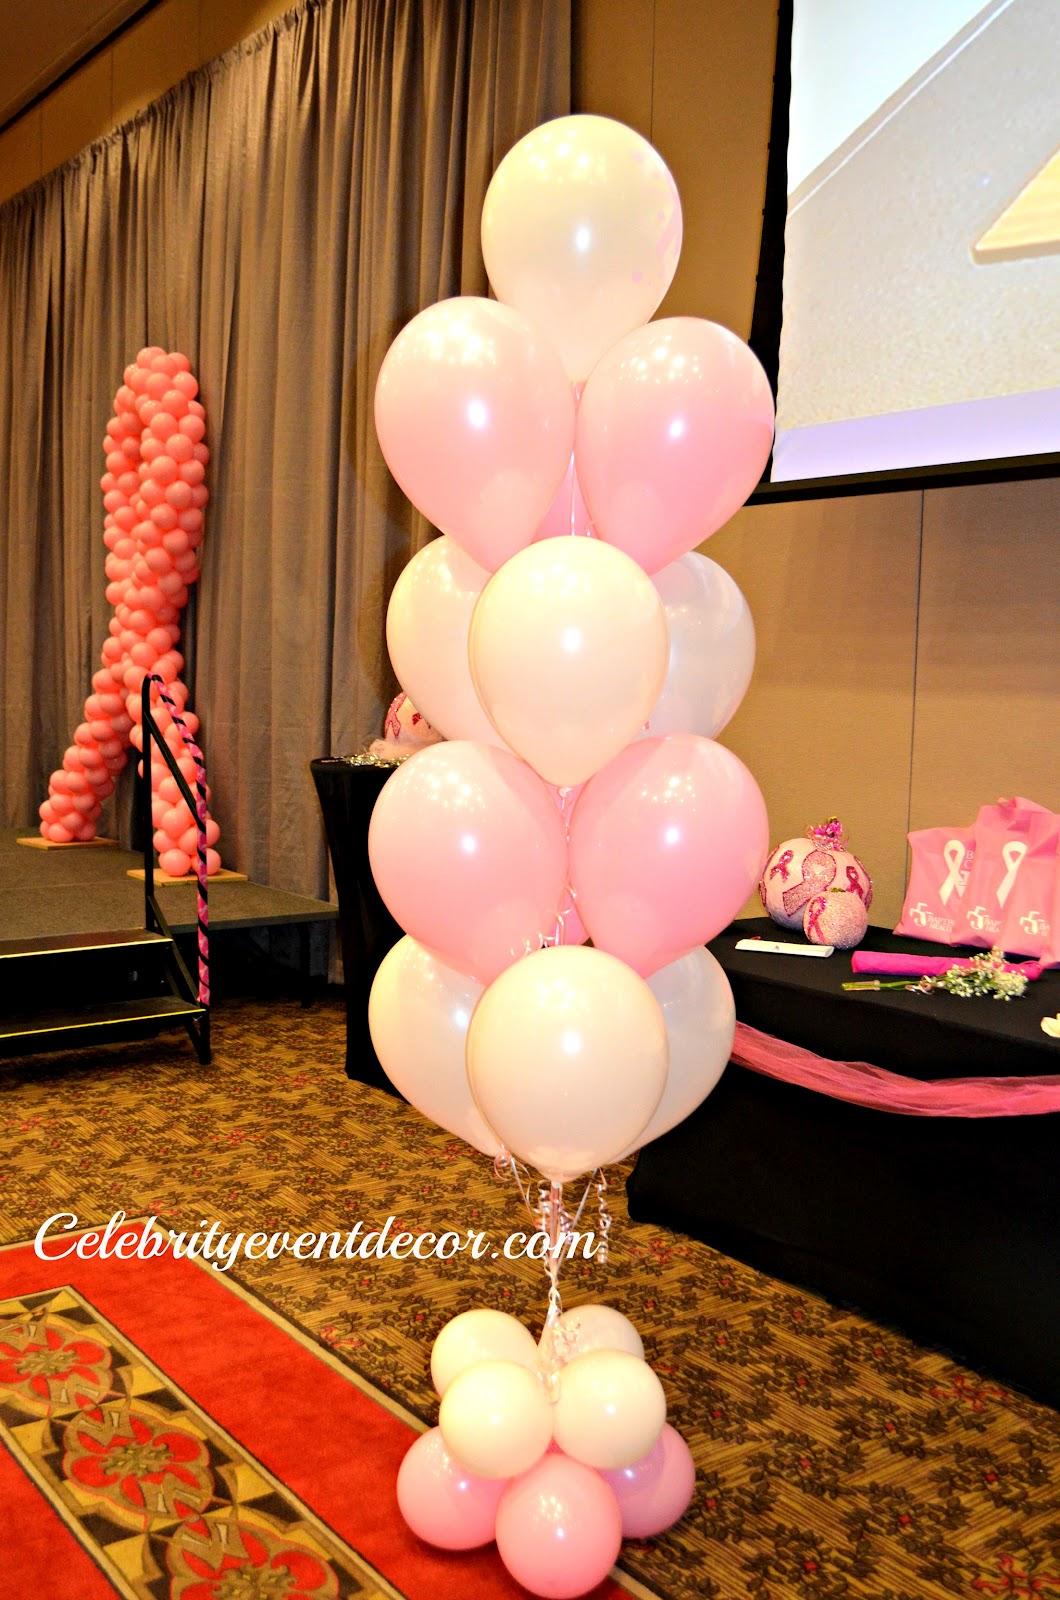 celebrity event decor banquet hall llc october 2012. Black Bedroom Furniture Sets. Home Design Ideas